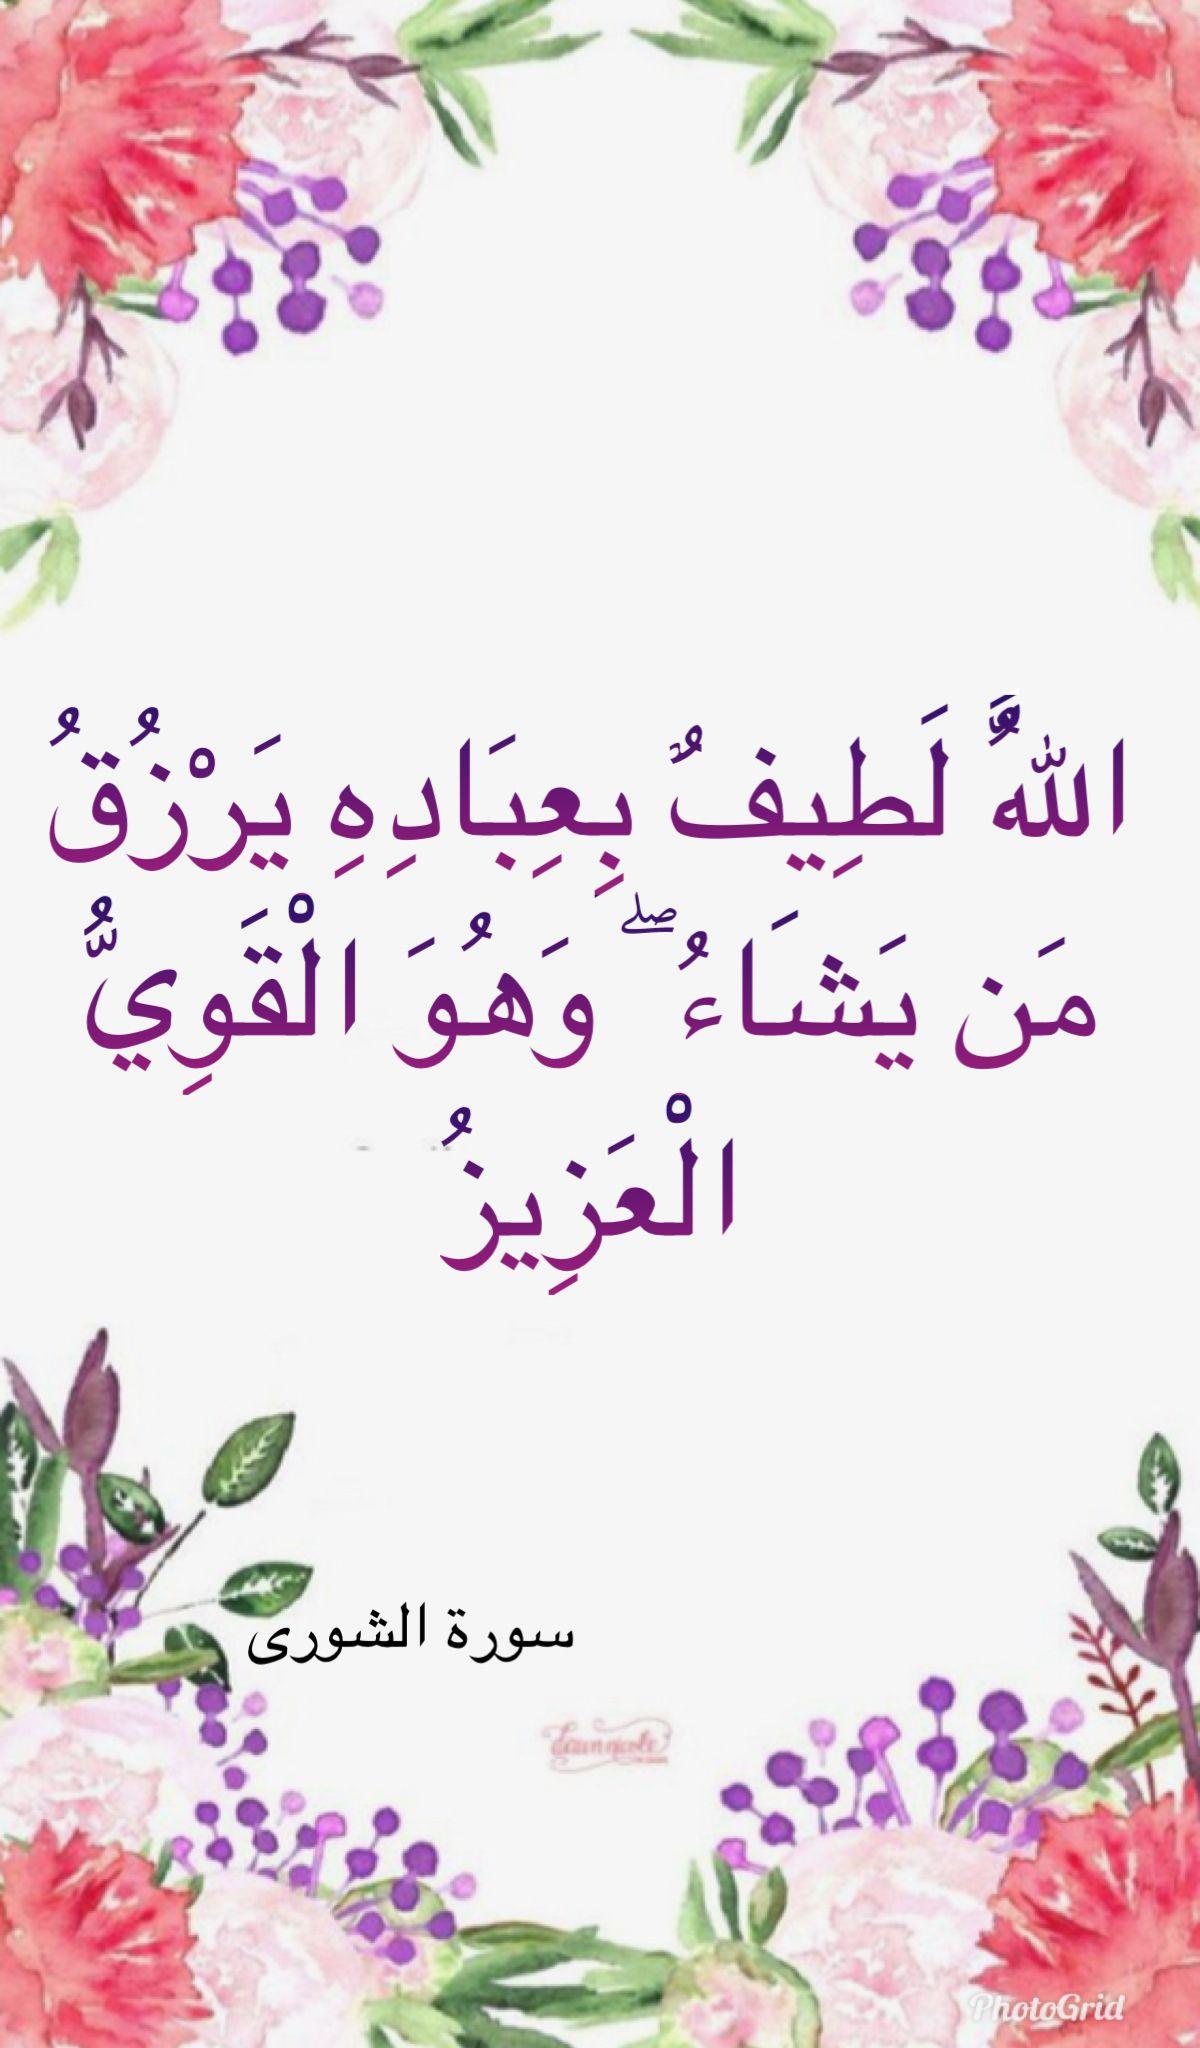 الله لطيف بعباده يرزق من يشاء وهو القوي العزيز Pictures With Meaning Islamic Prayer My Prayer